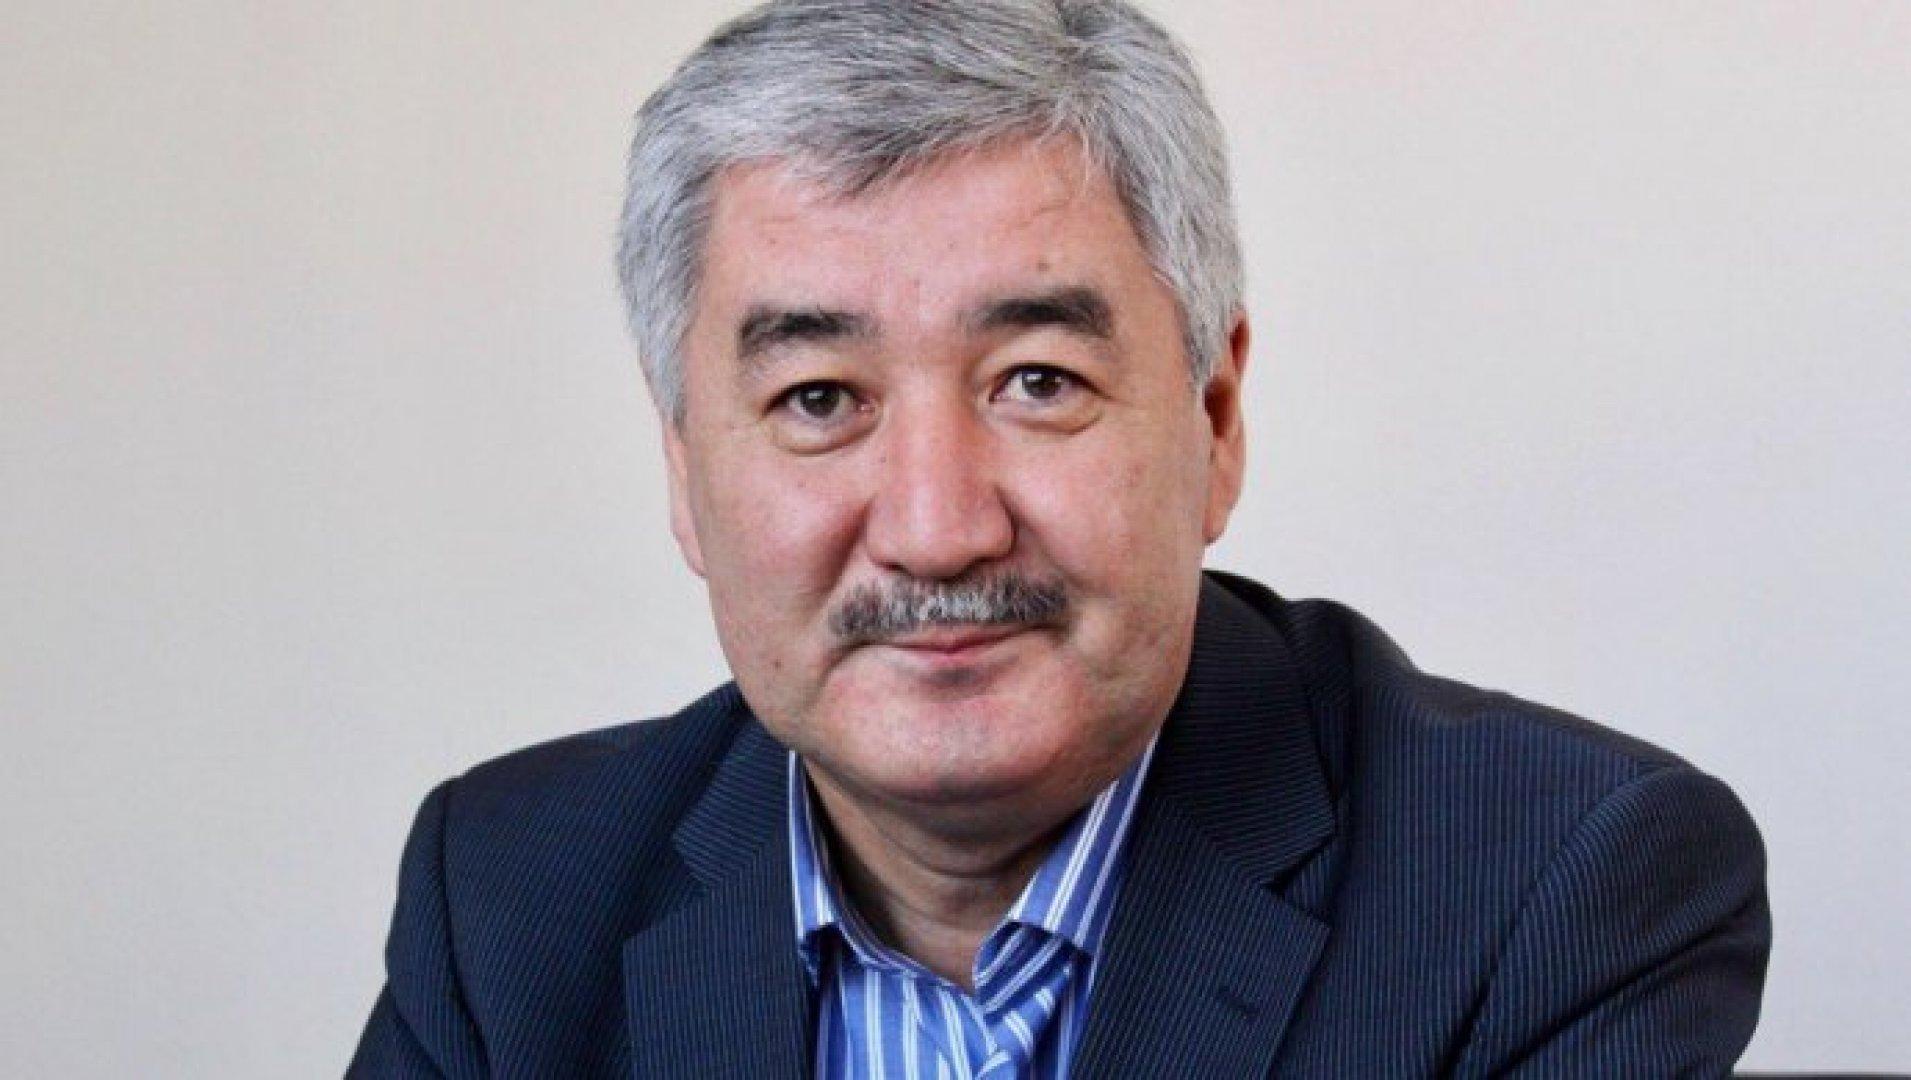 Амиржан Косанов подал документы в ЦИК для регистрации кандидатом в Президенты Казахстана